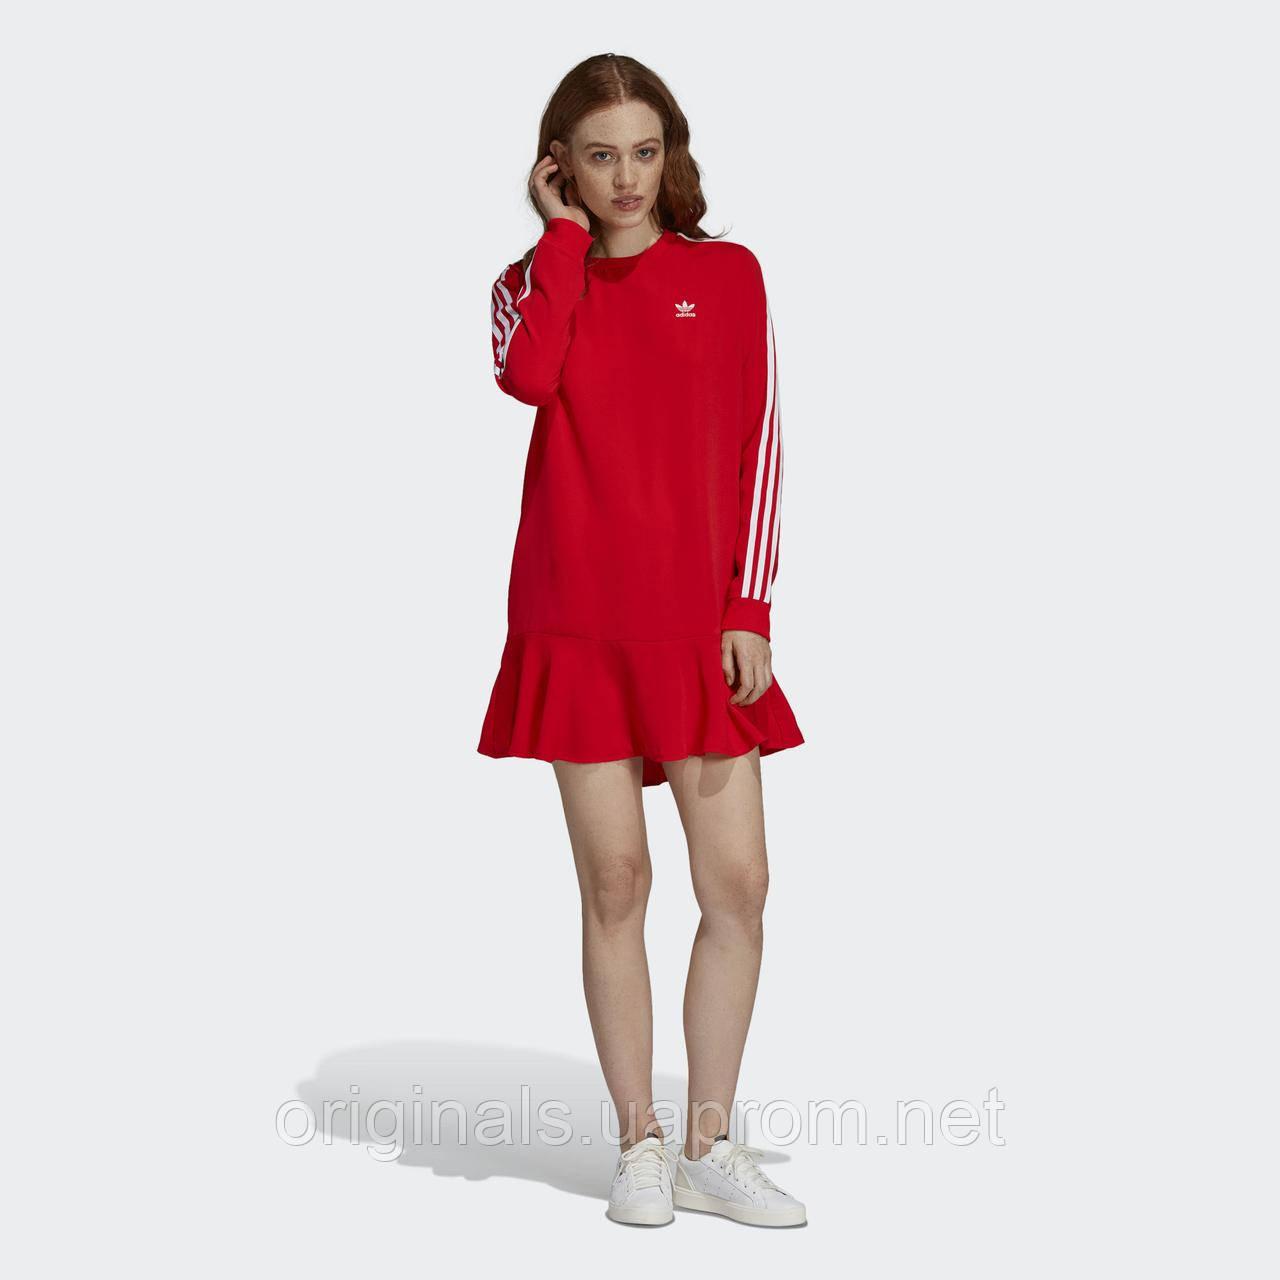 Женское платье Adidas Original Women Dress DW3880